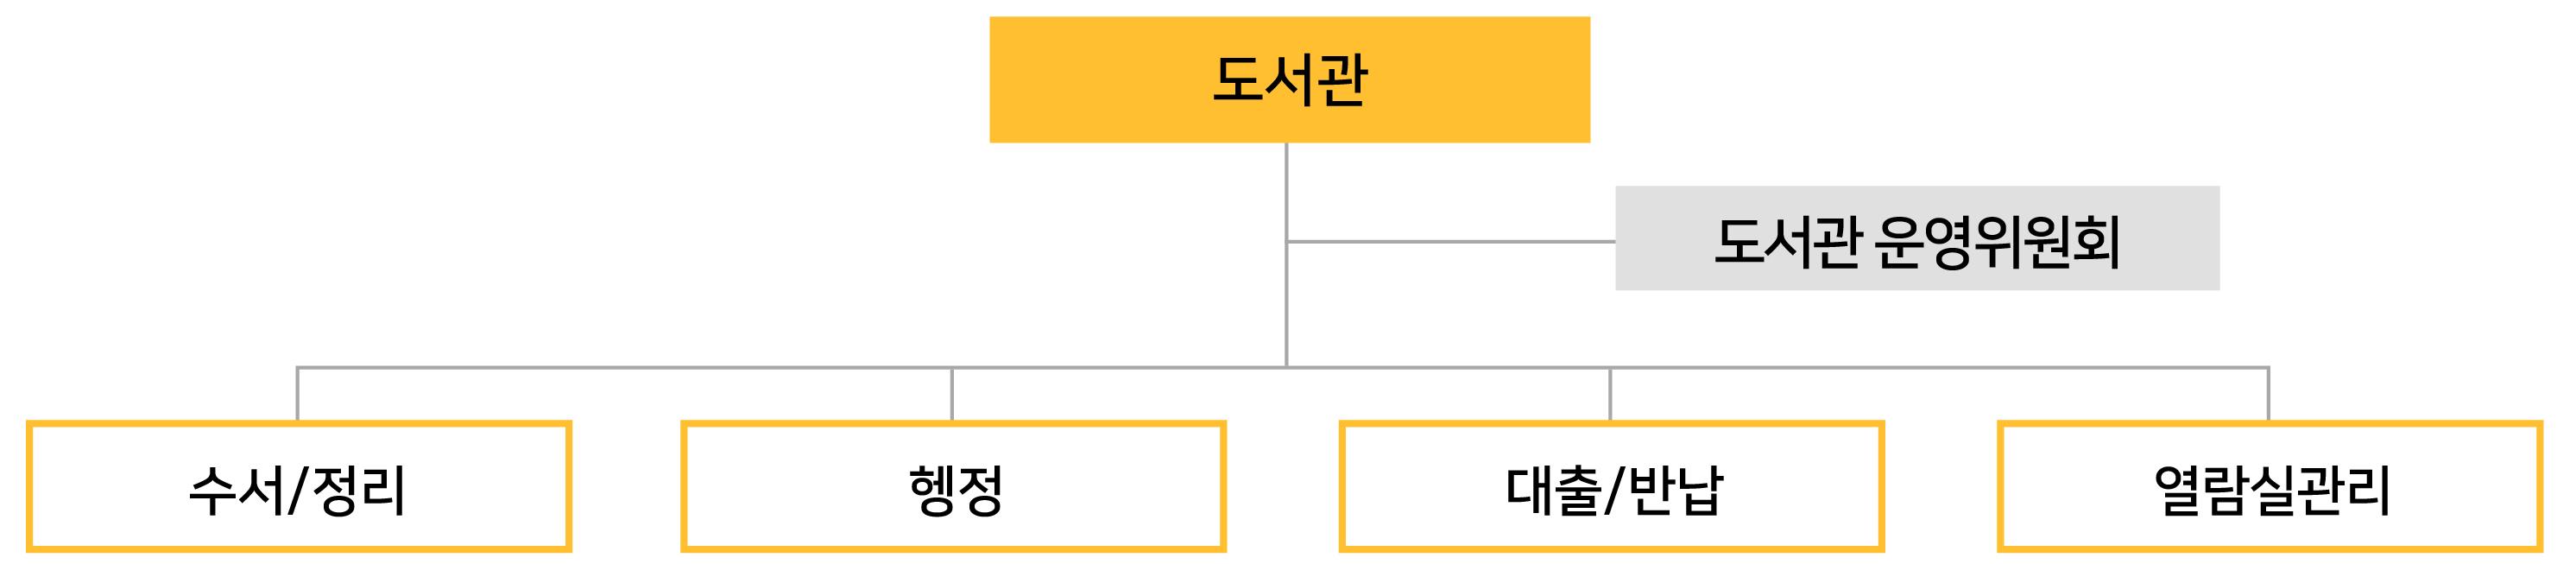 도서관장 도서관운영위원회 수서/정리 행정 대출/반납 참고서비스